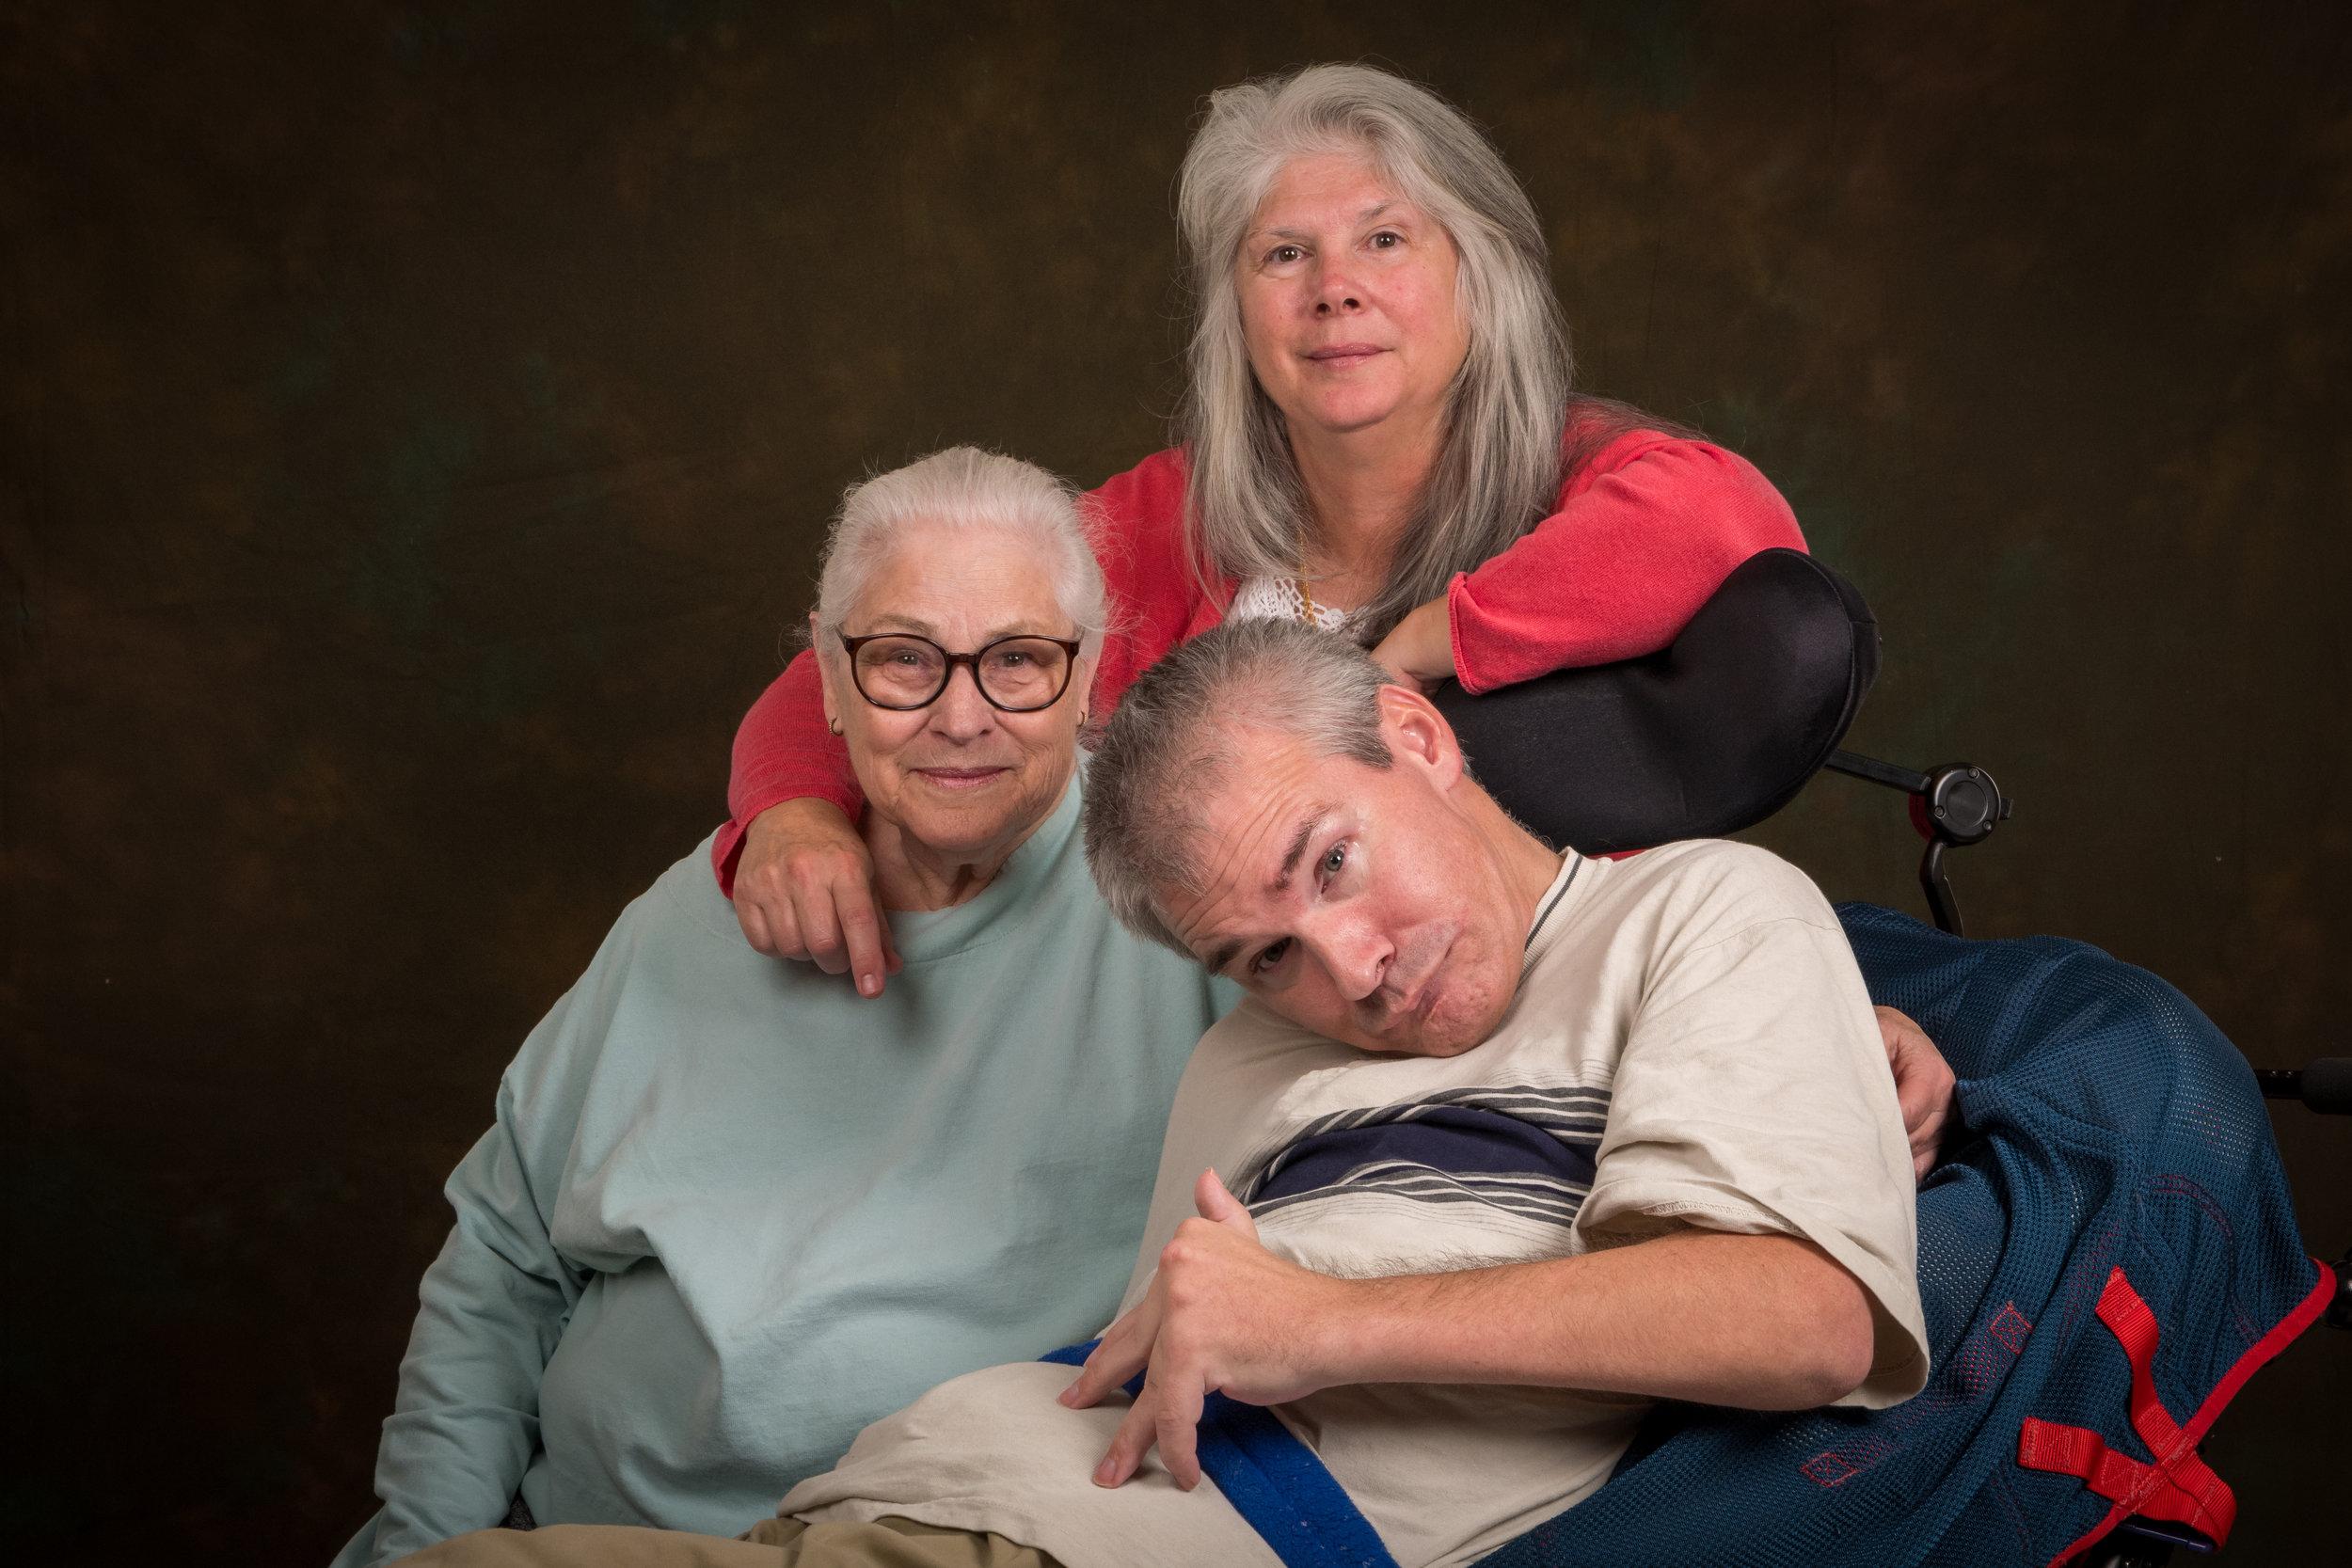 Nick and his mother Kathy and sister Teresa